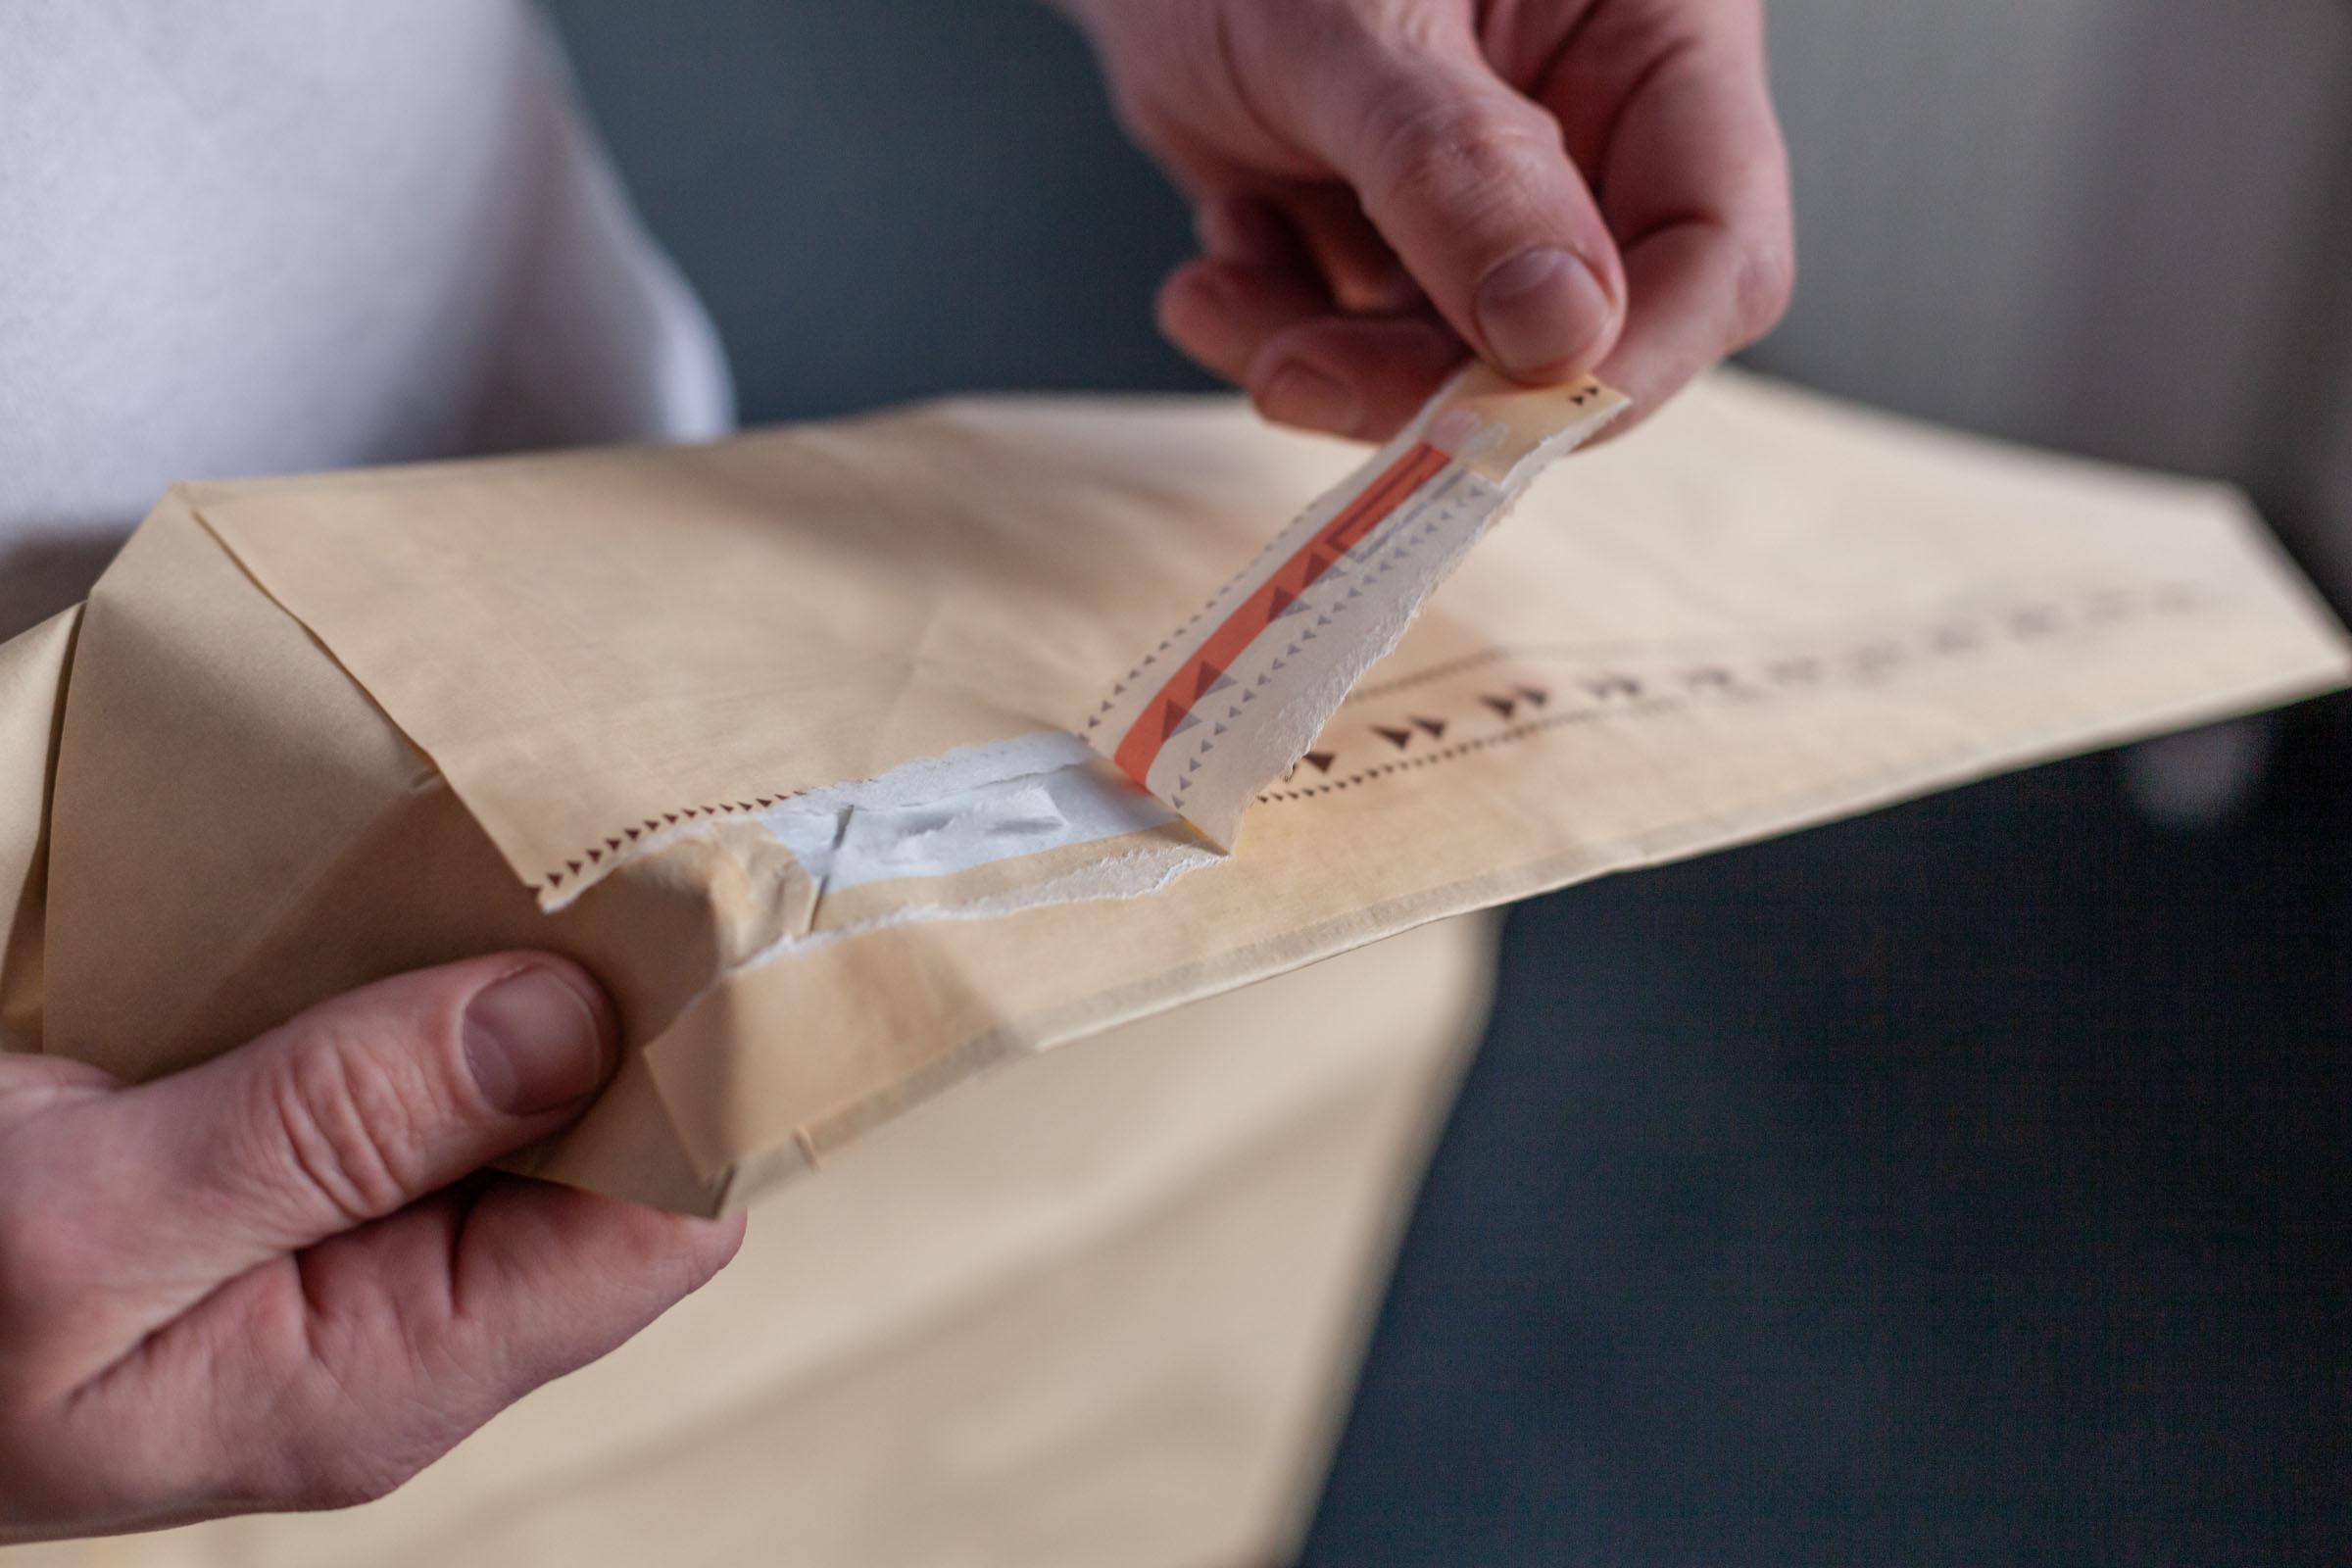 TENAX-Mitarbeiter führt Aufreißfaden an Papiersack vor